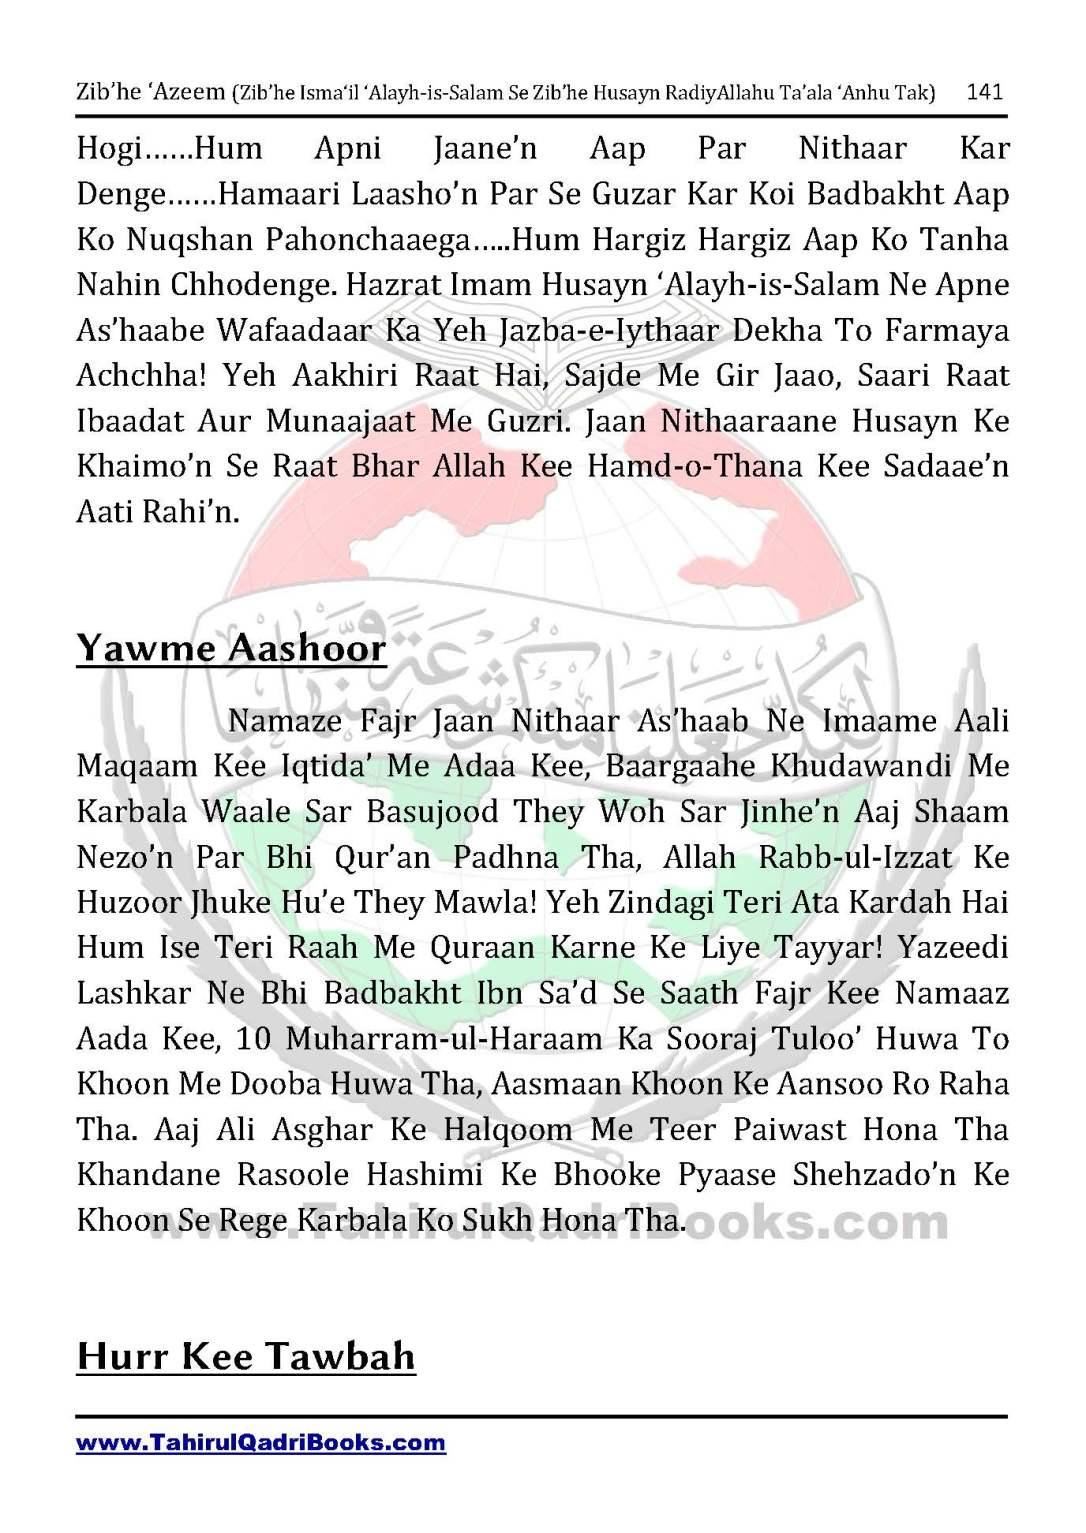 zib_he-e28098azeem-zib_he-ismacabbil-se-zib_he-husayn-tak-in-roman-urdu-unlocked_Page_141